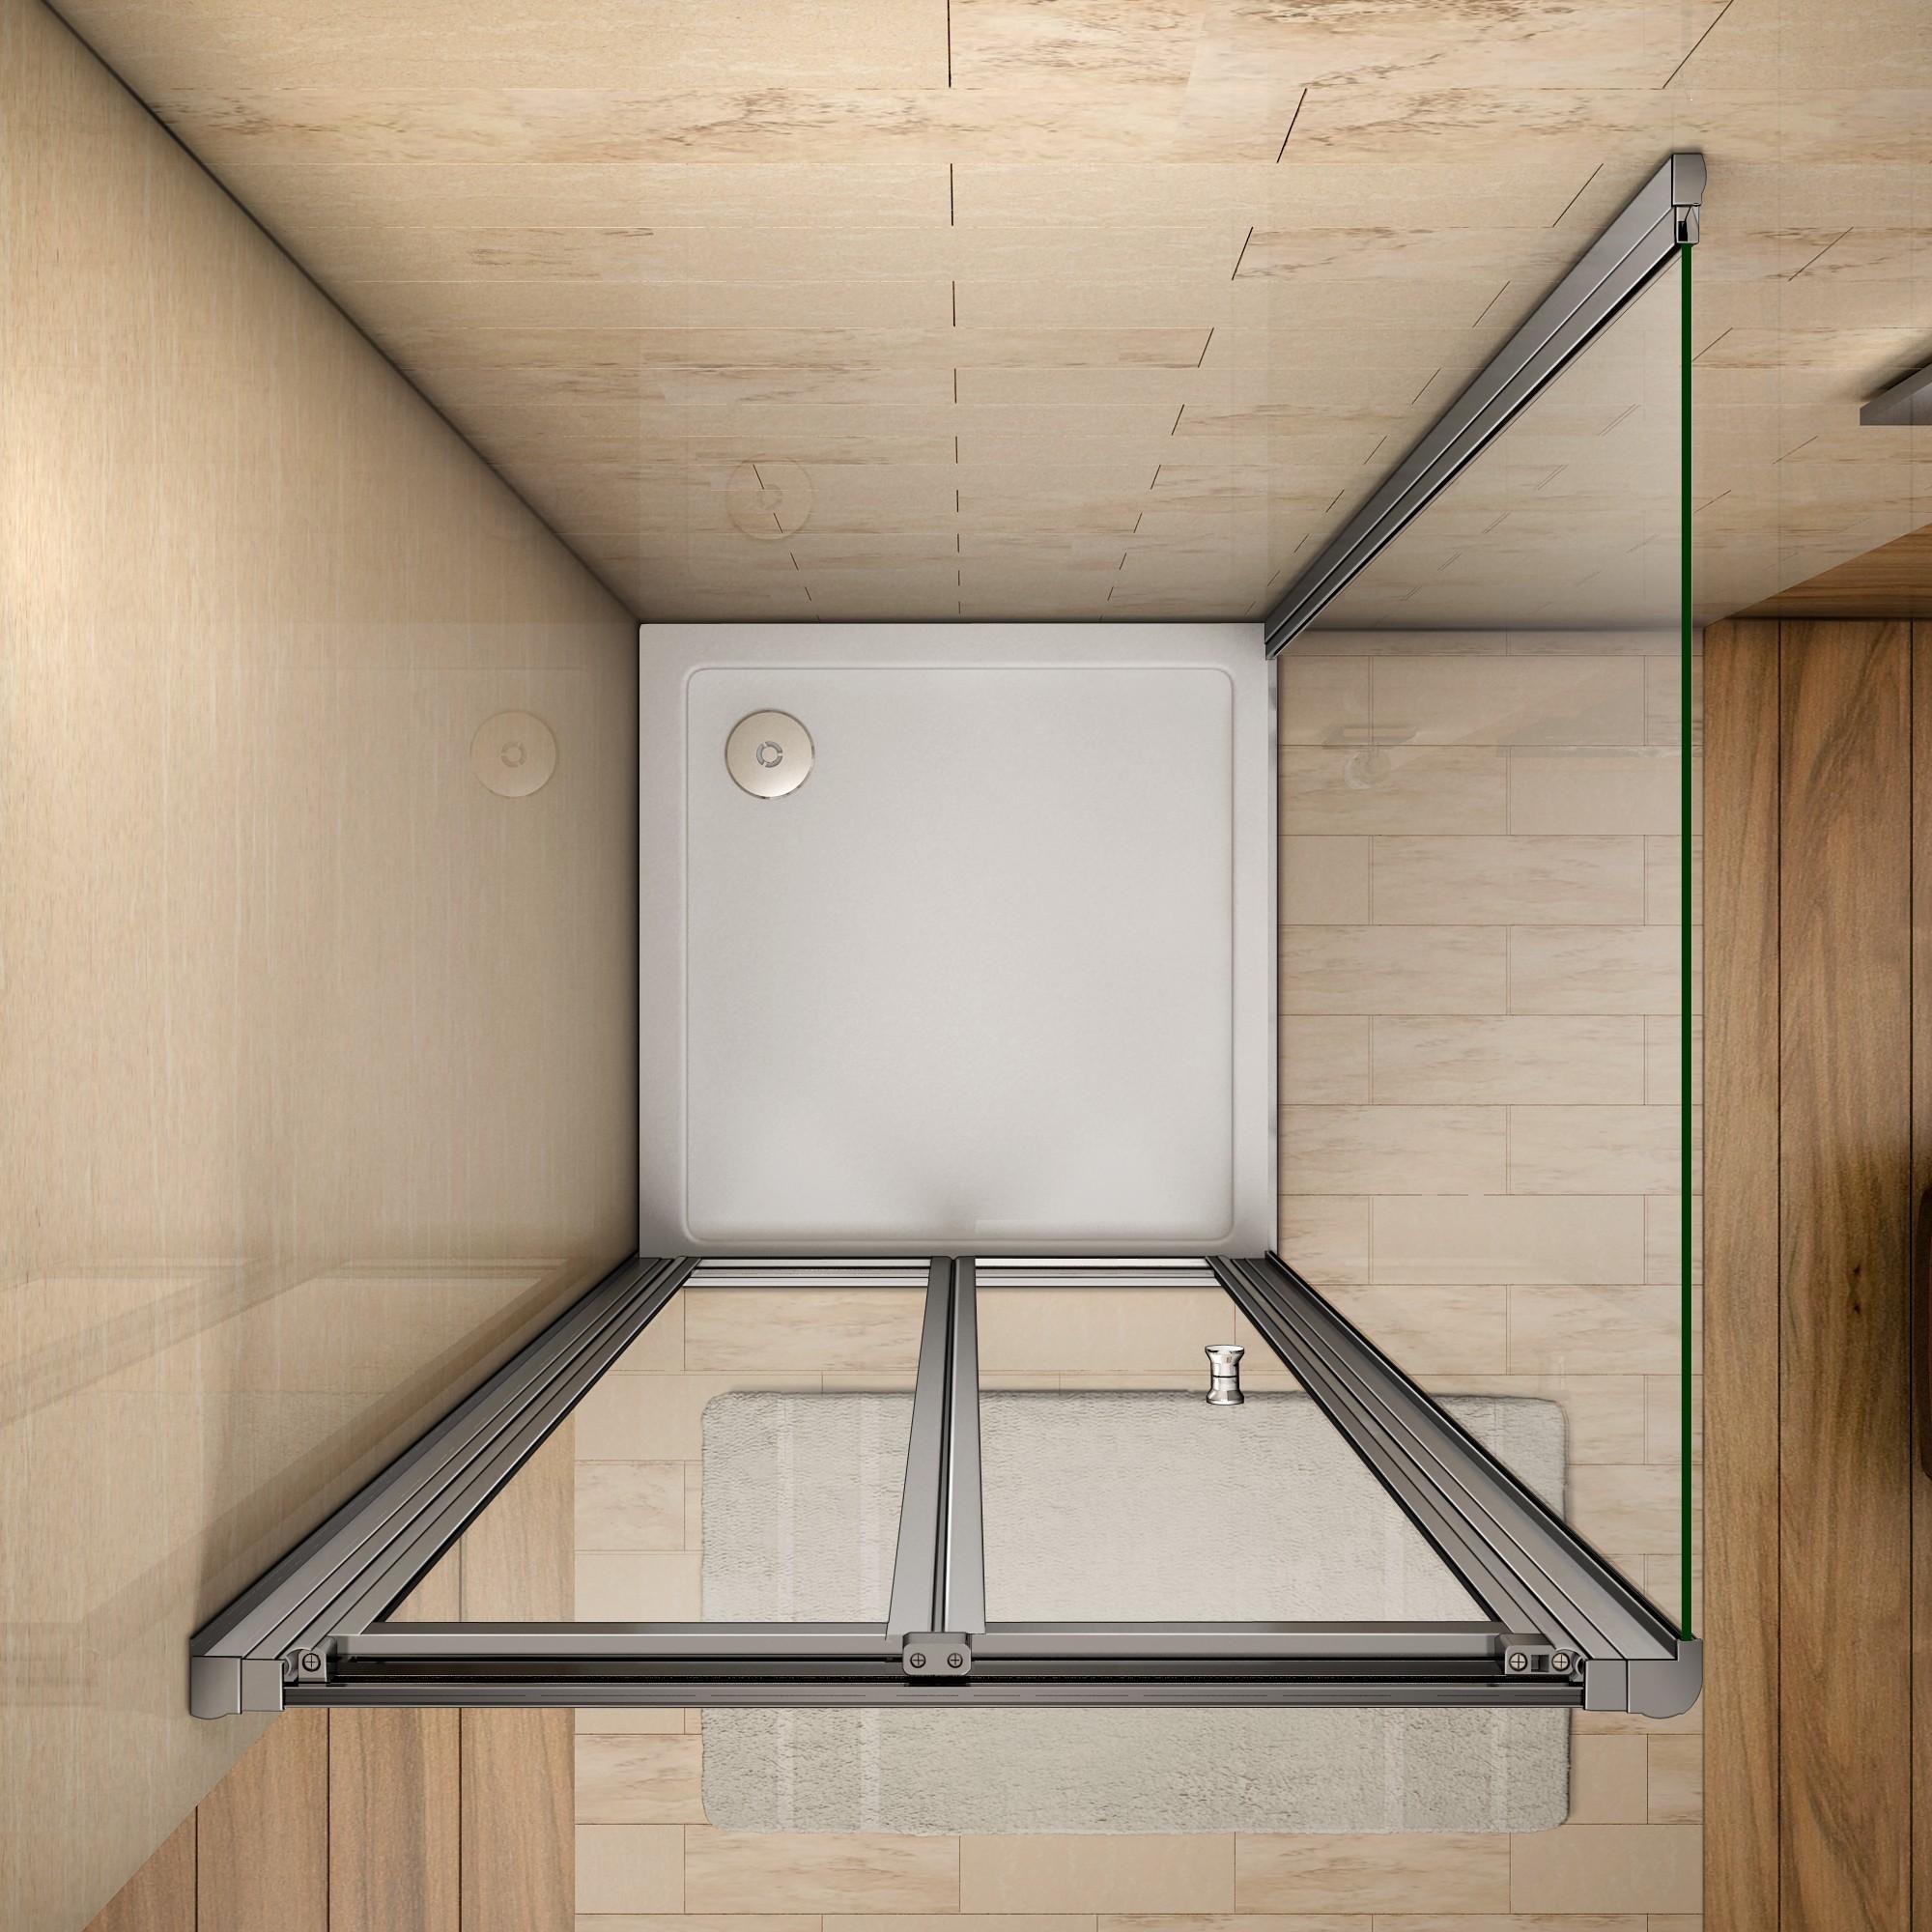 duschkabine duschabtrennung klappt r dusche duschwand mit duschtasse 90x70cm ebay. Black Bedroom Furniture Sets. Home Design Ideas